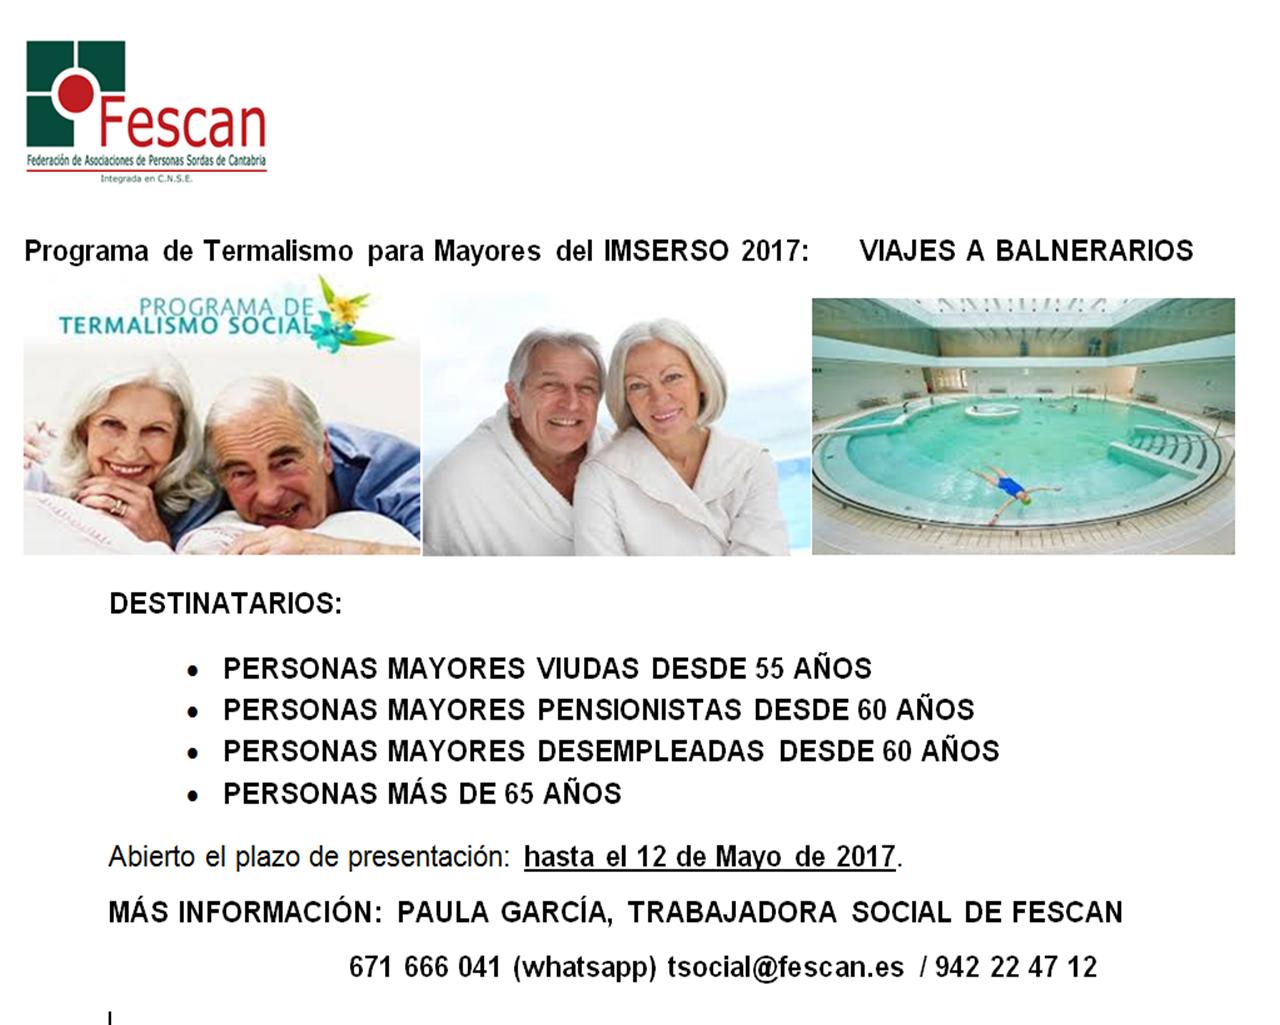 Programa de termalismo para mayores IMSERSO 2017: Viajes a balnearios